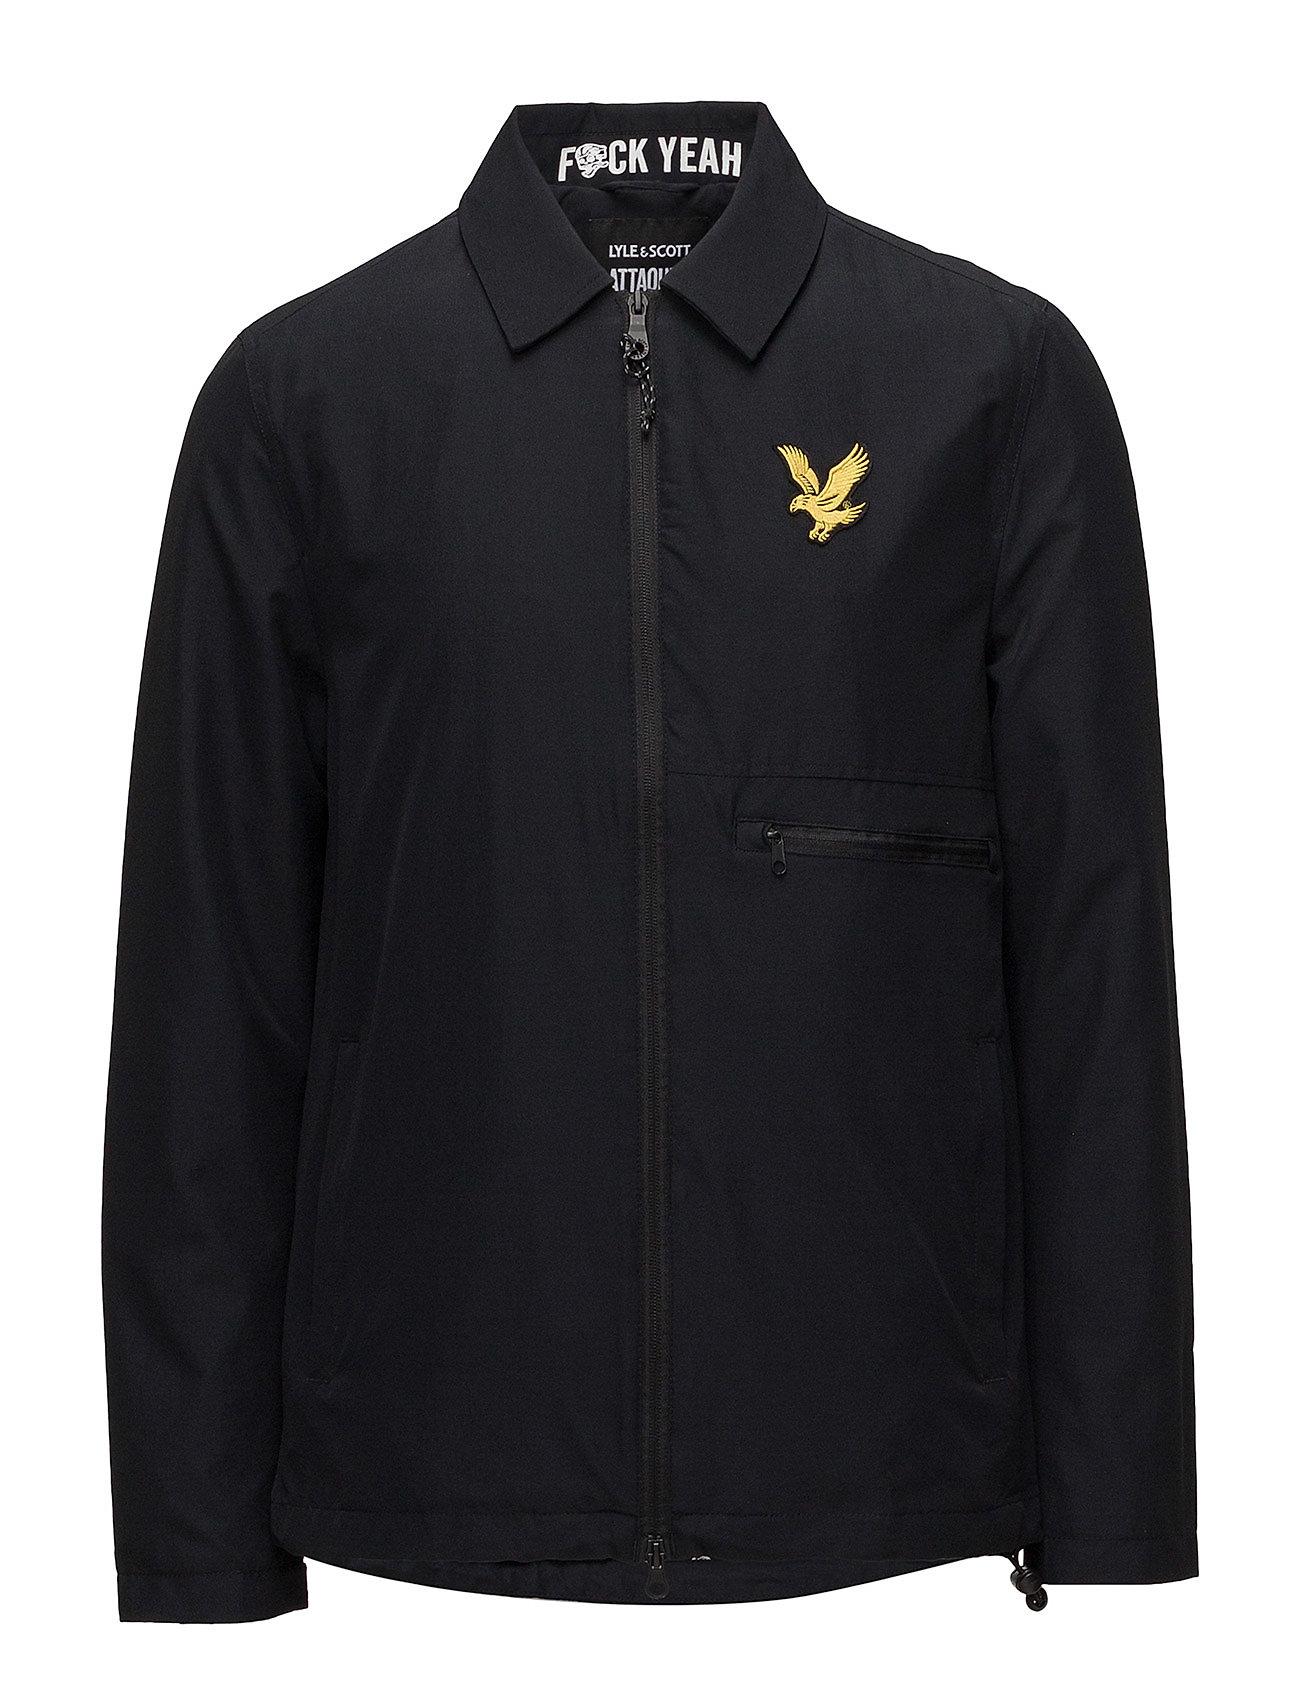 Lyle & Scott Sport Attaquer Jacket - TRUE BLACK